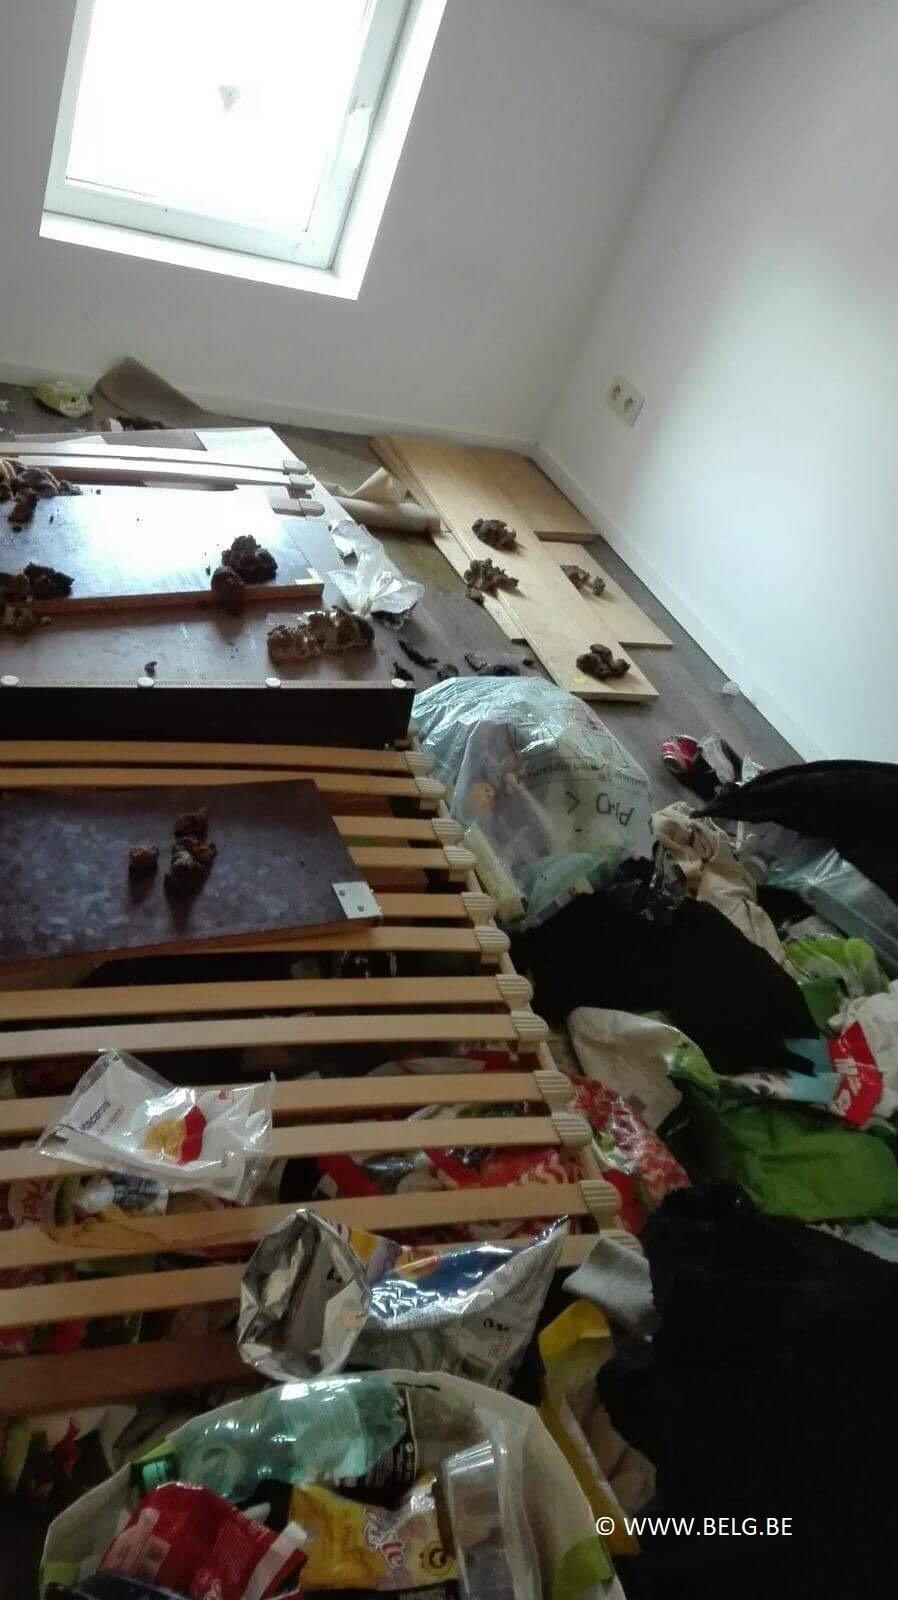 Huurhuis in Geraardsbergen na enkele maanden een ravage - IMG 1113